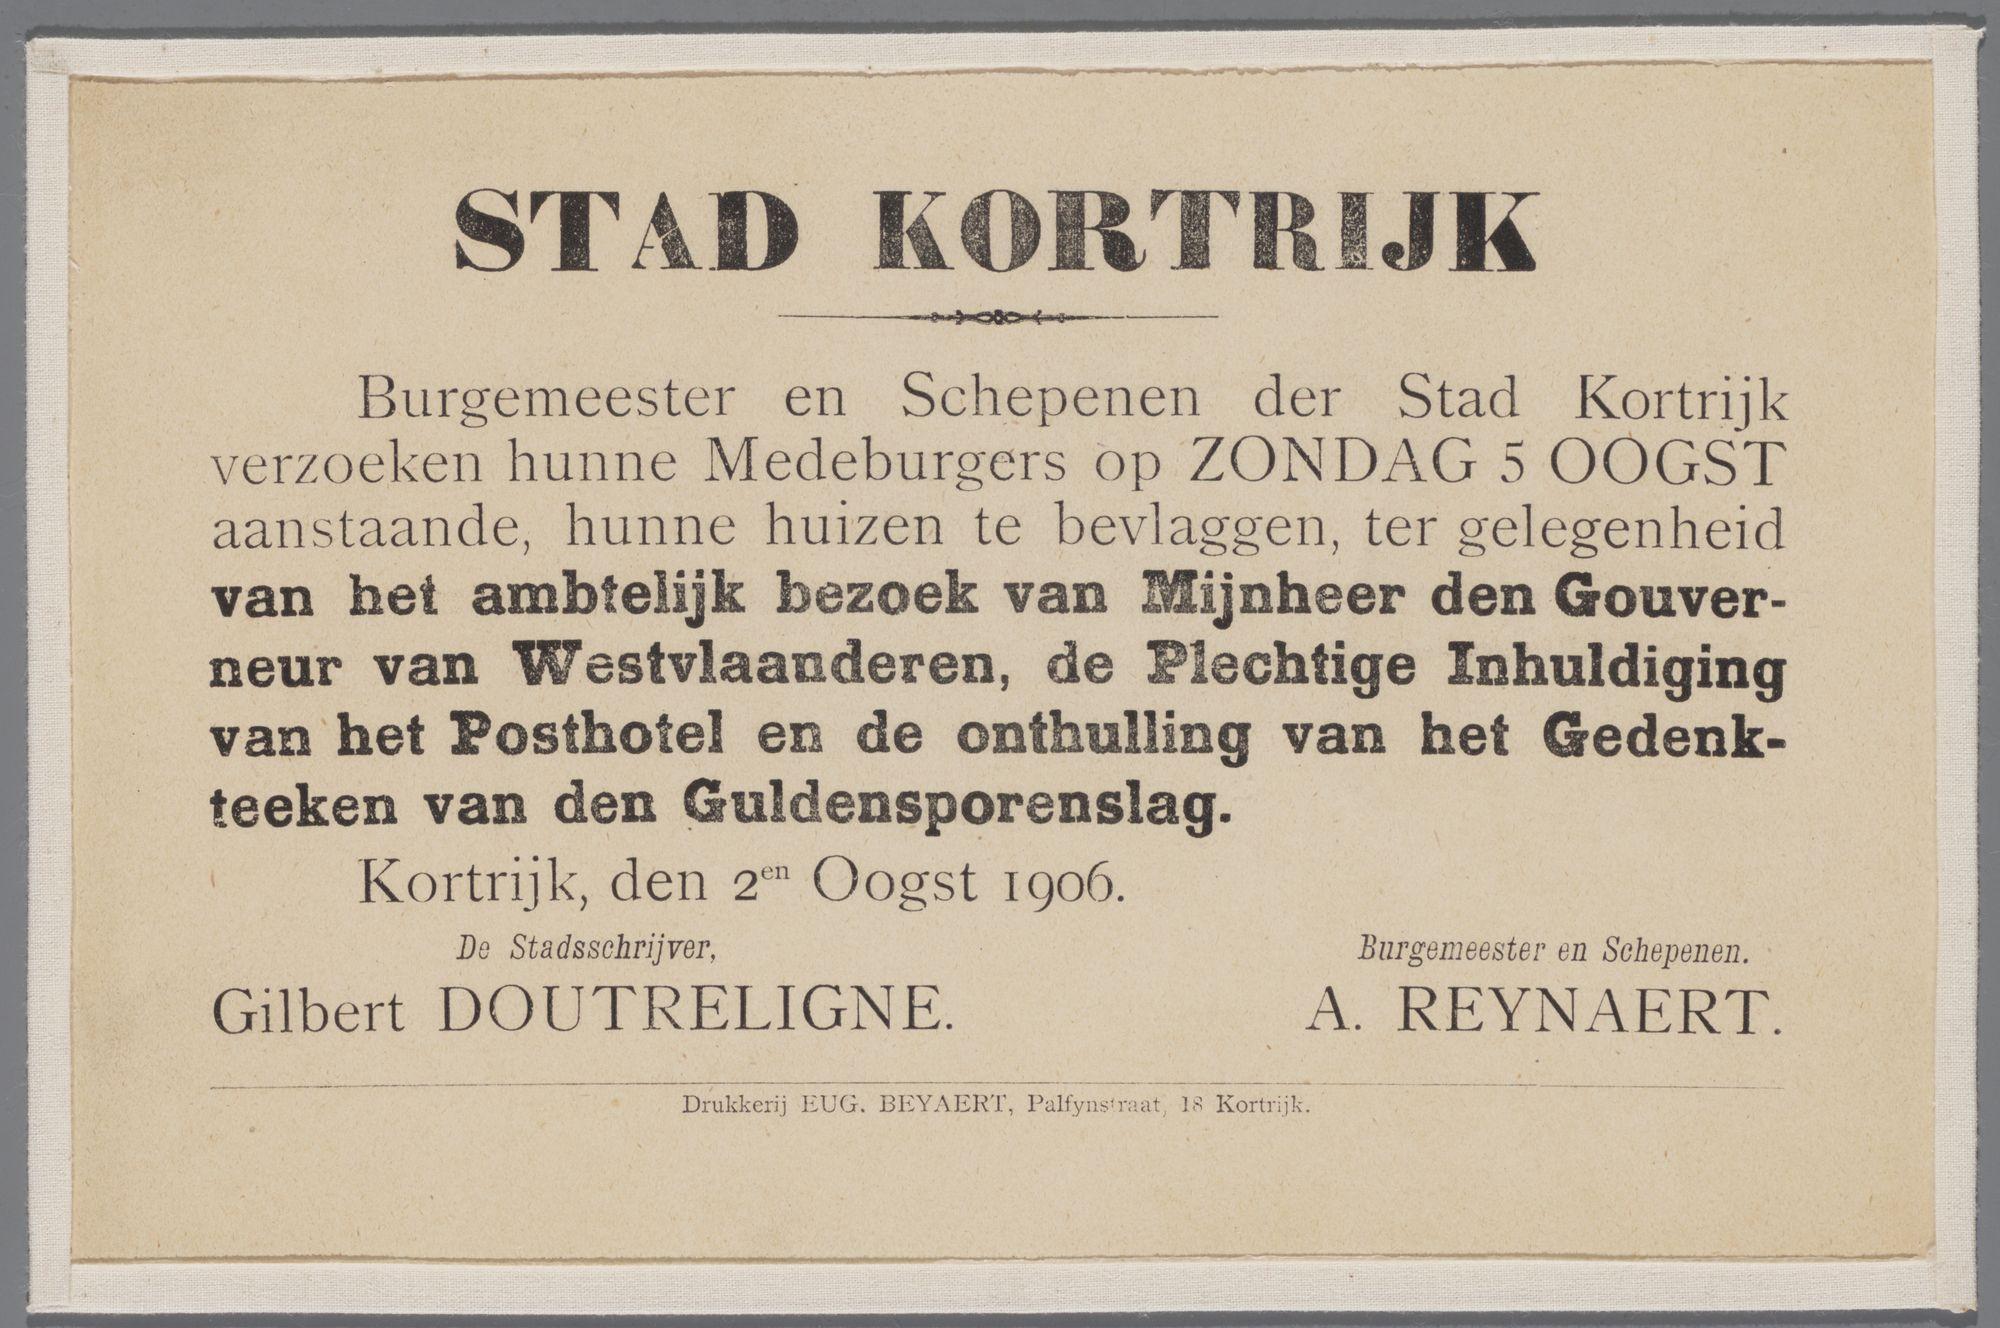 Oproep tot bevlaggen huizen 1906